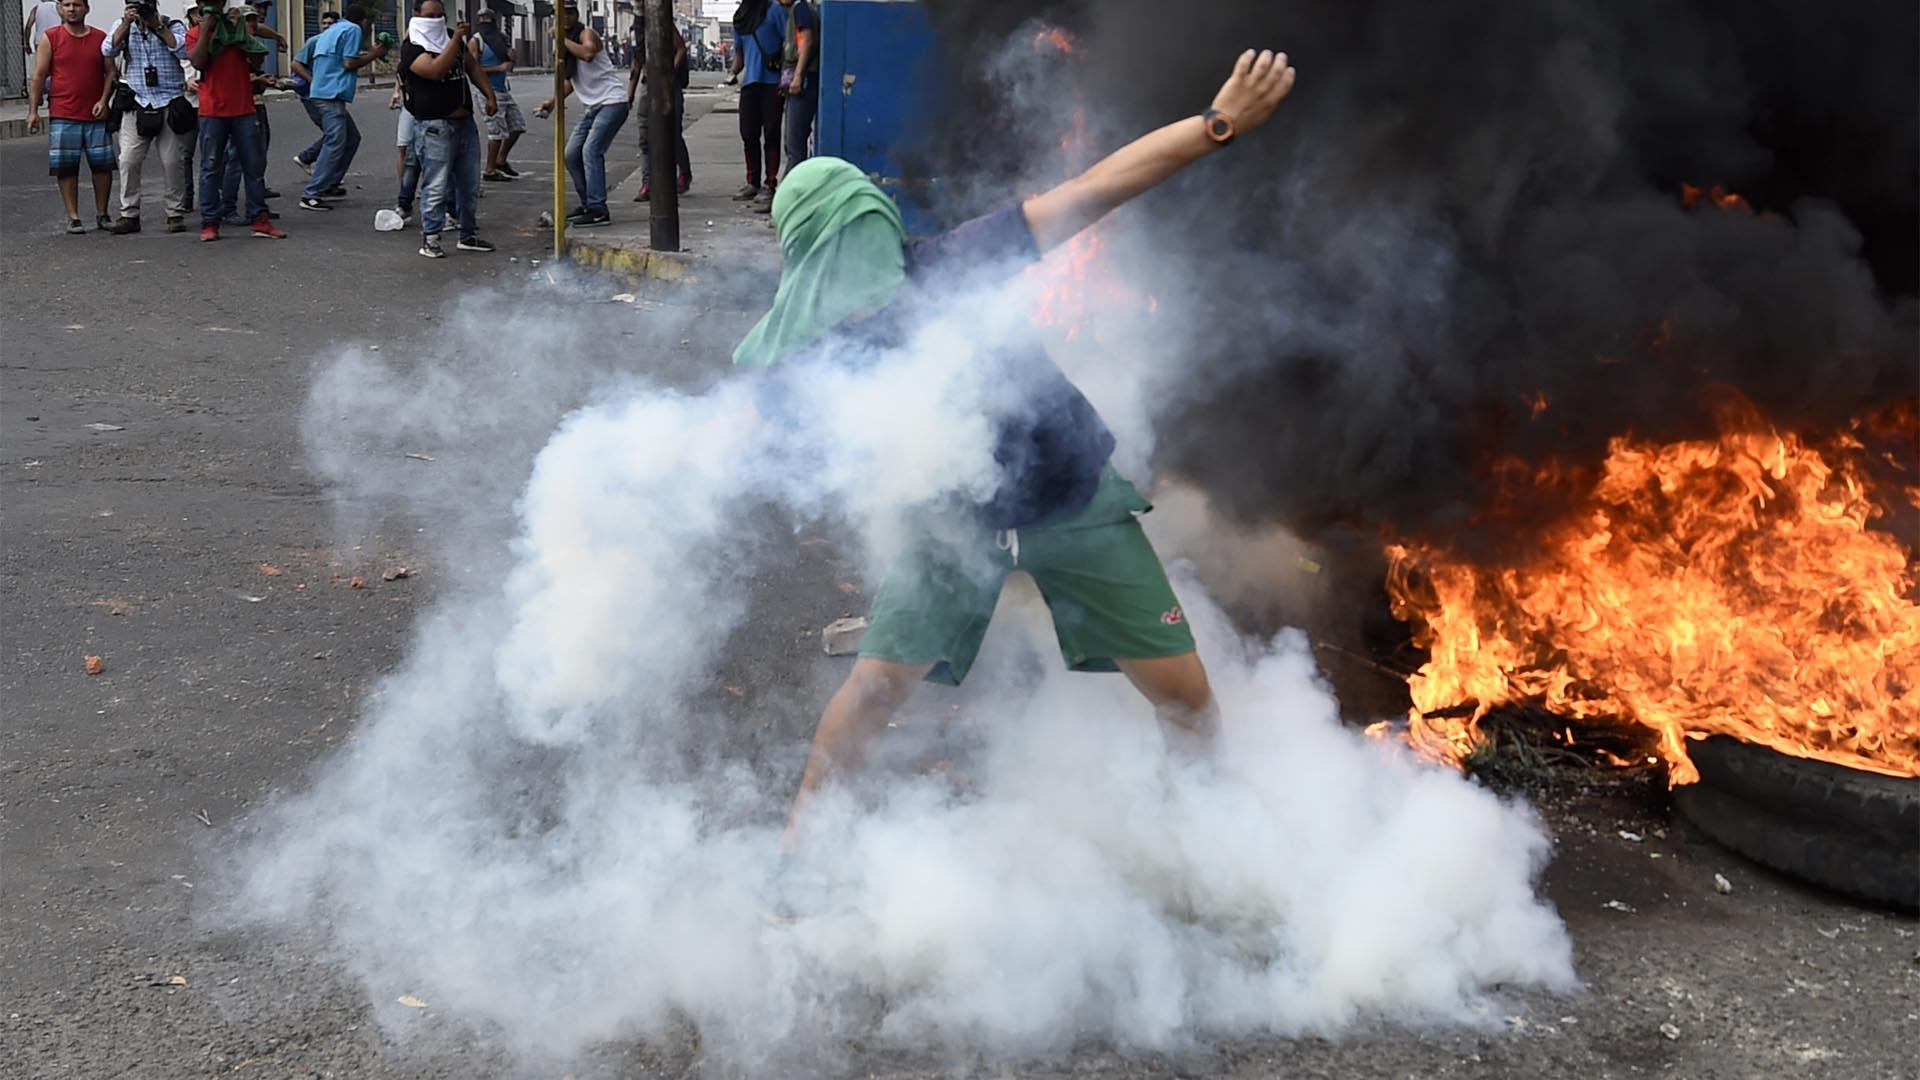 La violencia se apoderó de las calles de la ciudad venezolana de Ureño luego de que Nicolás Maduro cerrara la frontera con Cúcuta, en Colombia, desde donde llegaría la ayuda humanitaria (AFP)